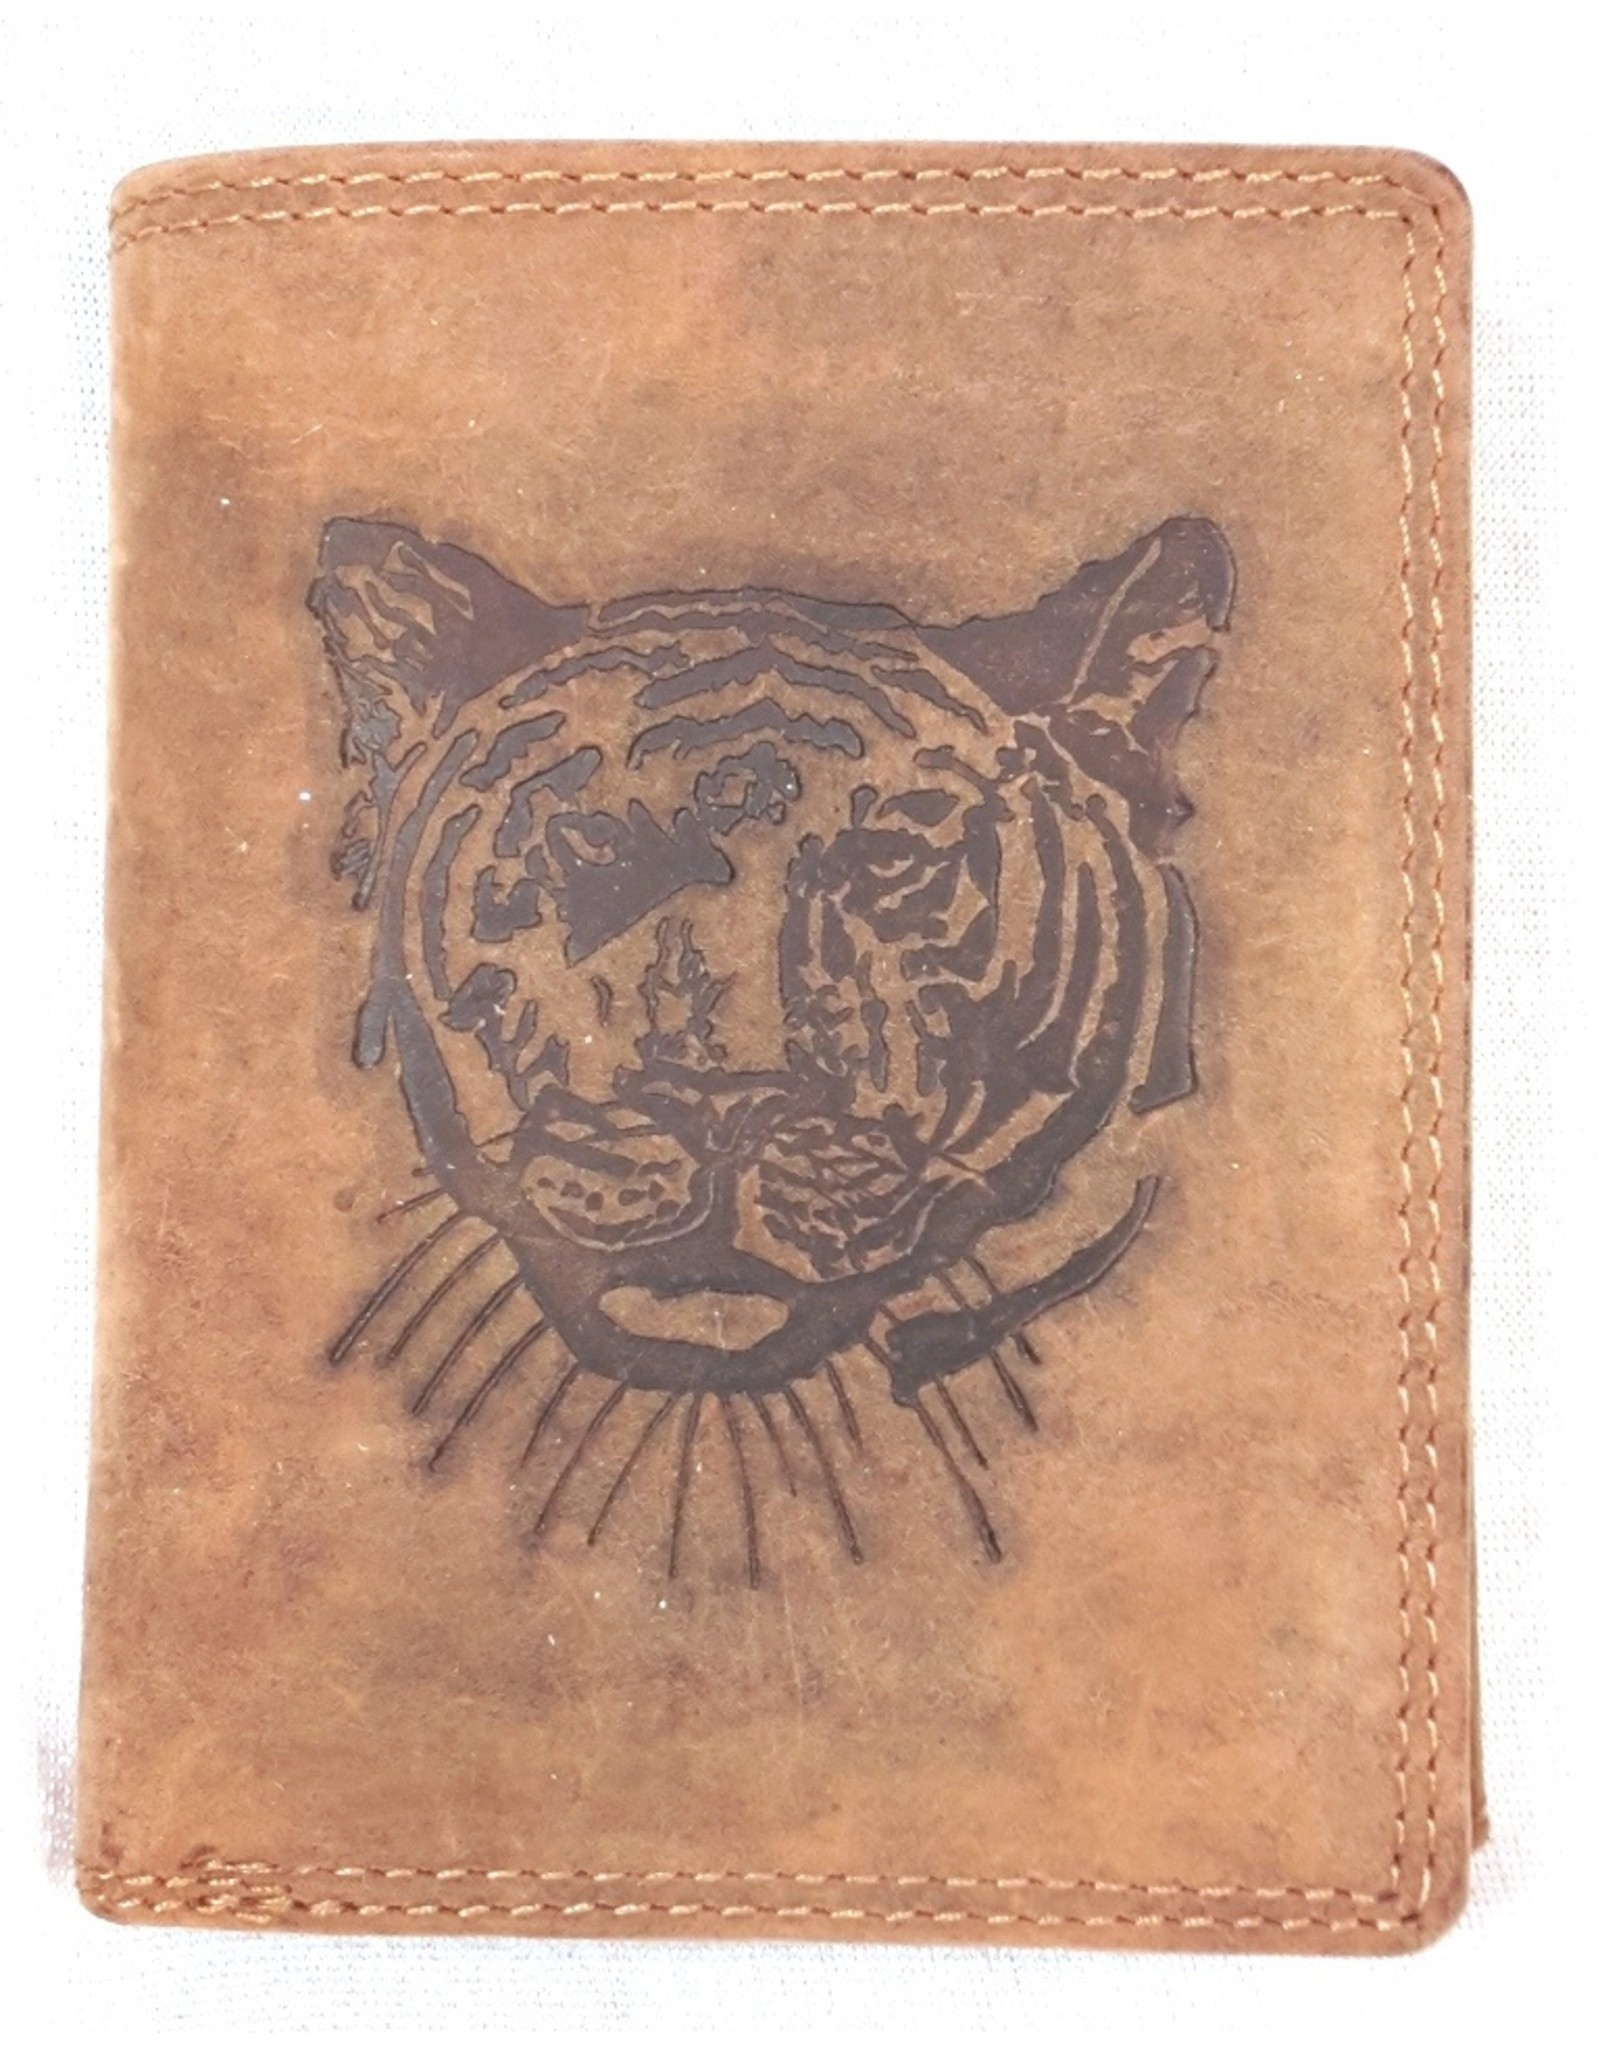 Huttman Leren Portemonnees - Leren portemonnee met  Reliëfprint Tijger (verticaal)